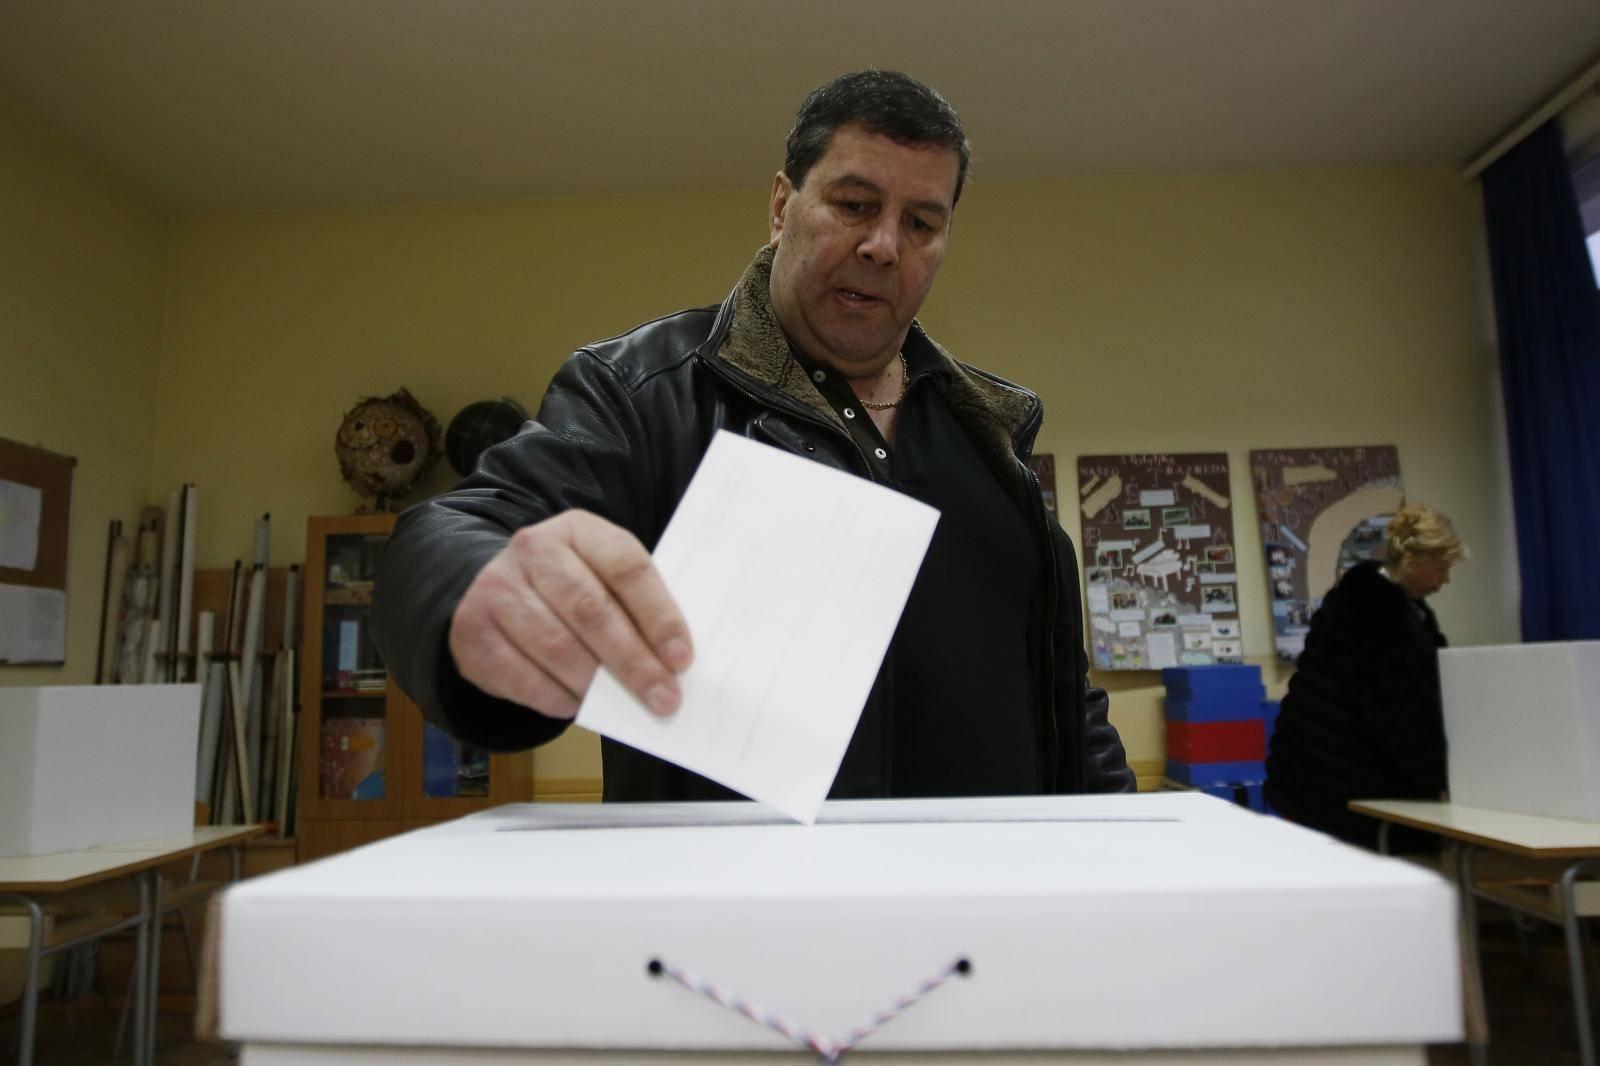 Državljani Hrvatske u BiH moći će glasati i na ovim izborima